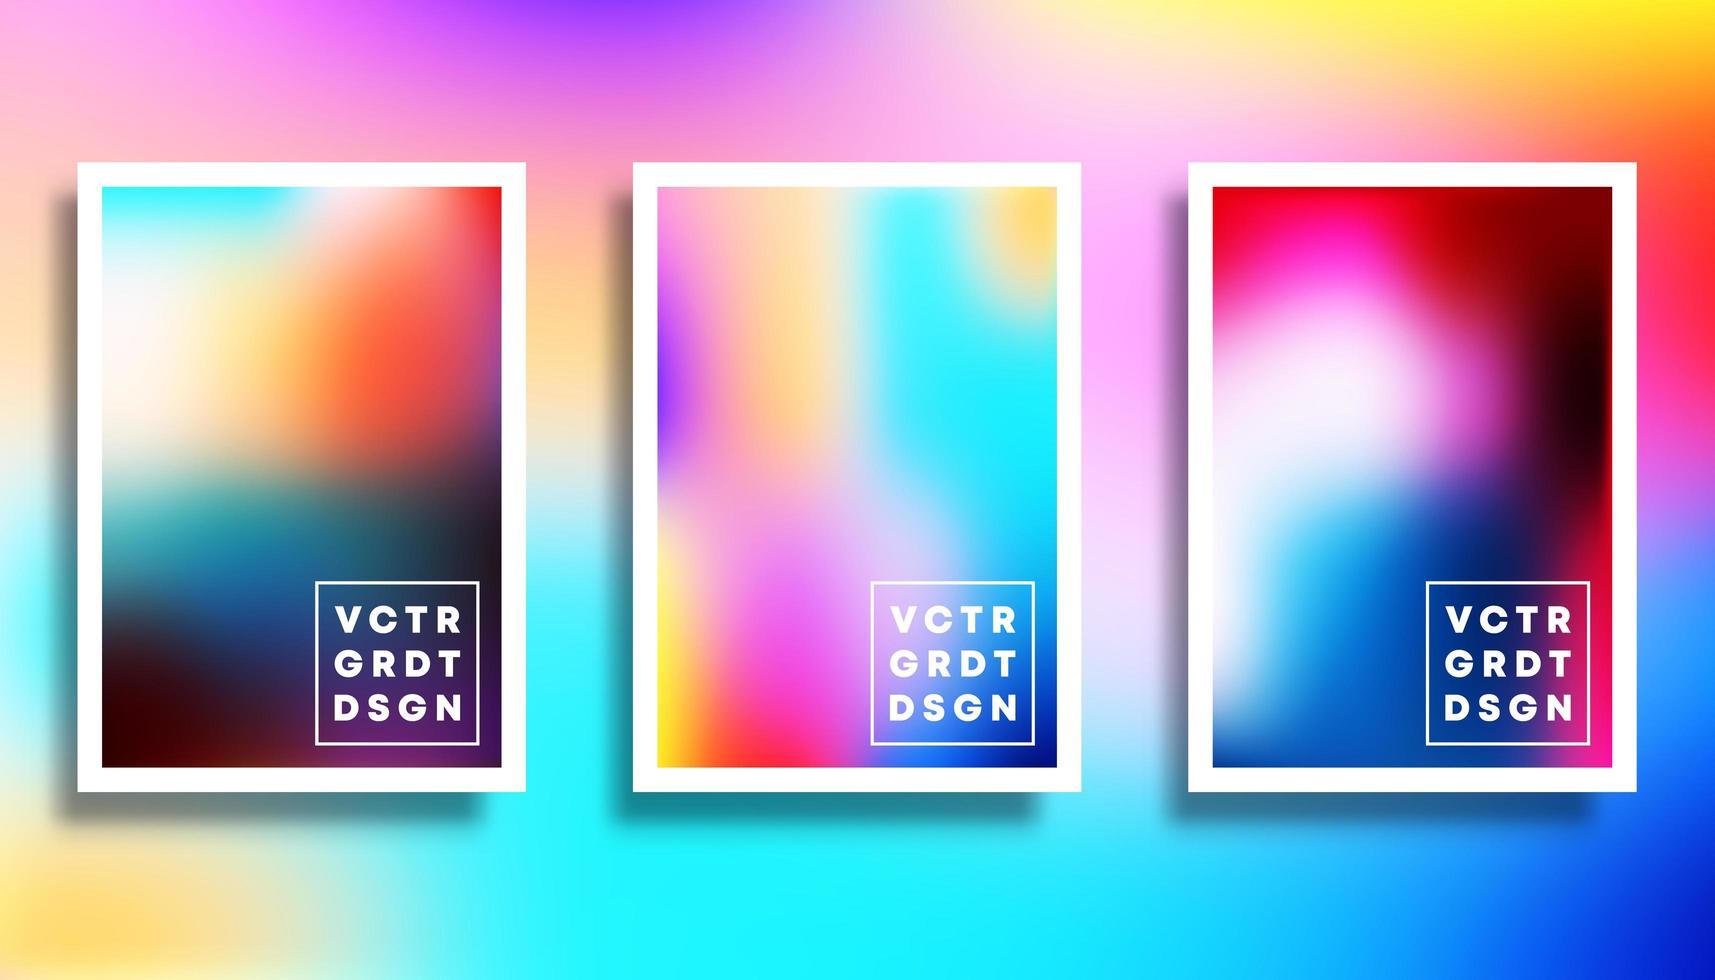 uppsättning färgglada bakgrundsoskärpa vektor